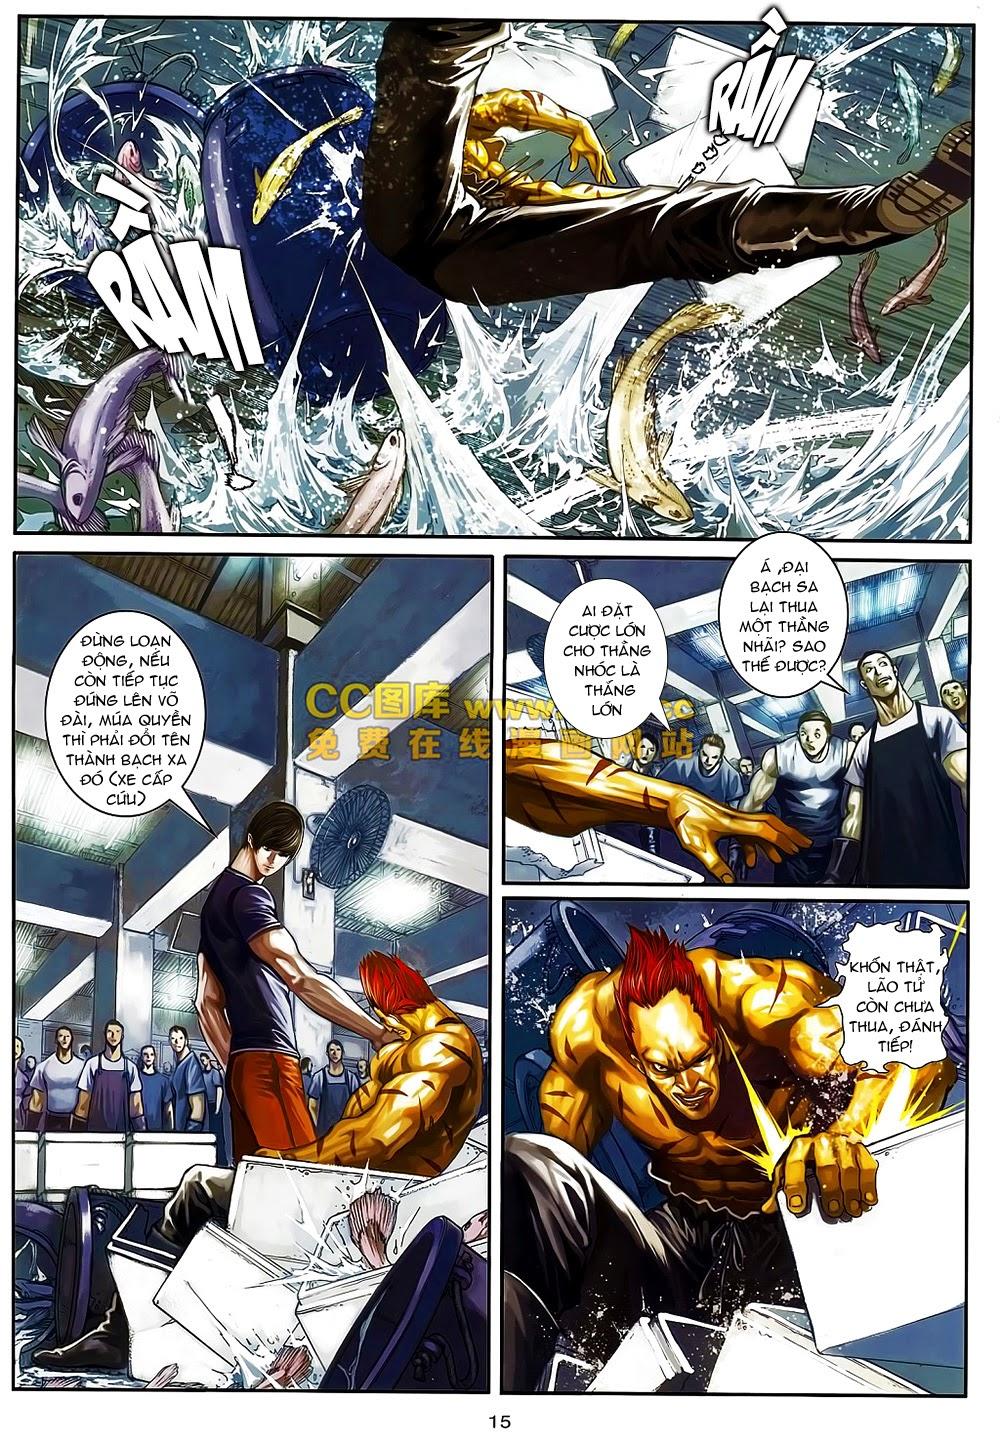 Quyền Đạo chapter 6 trang 15